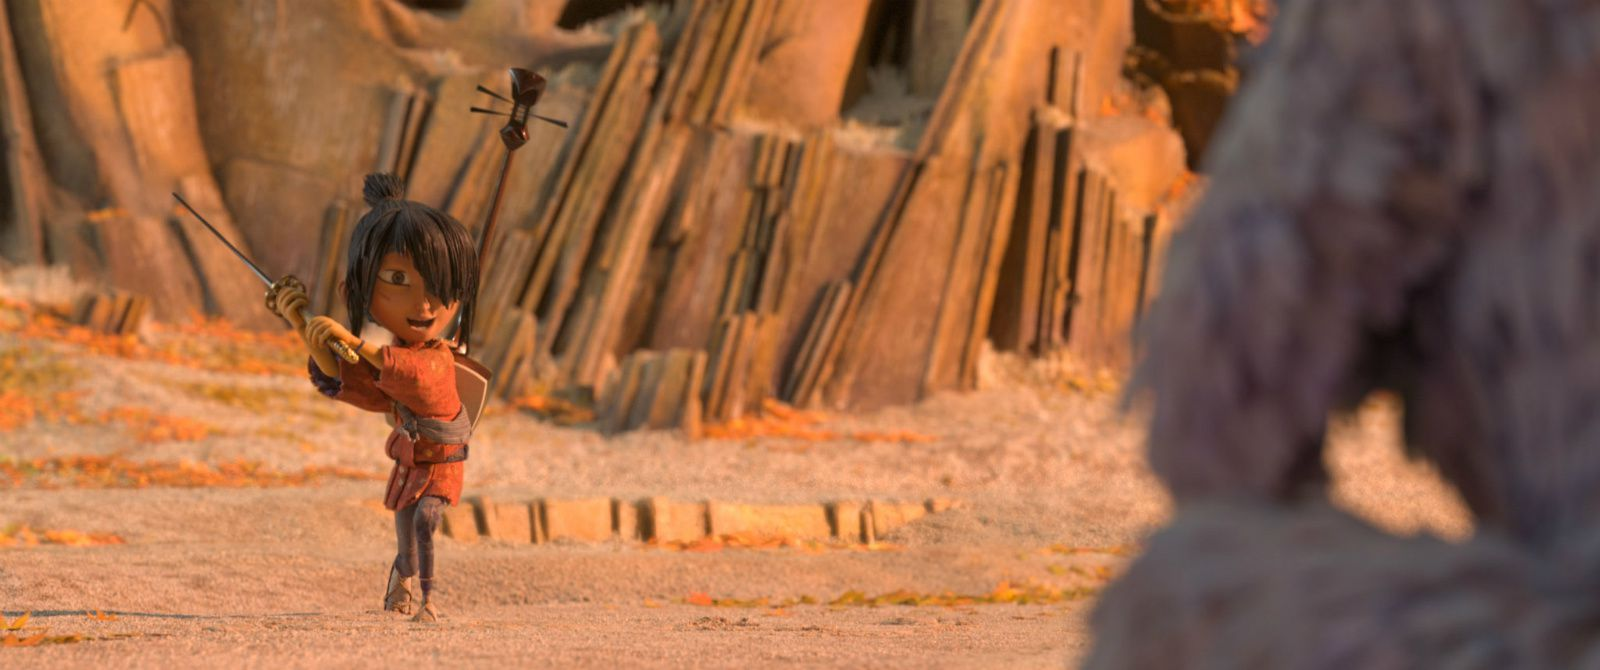 Kubo et l'épée magique (BANDE ANNONCE VF et VOST) avec Art Parkinson, Matthew McConaughey, Charlize Theron - 21 09 2016 au cinéma (Kubo and the two strings)